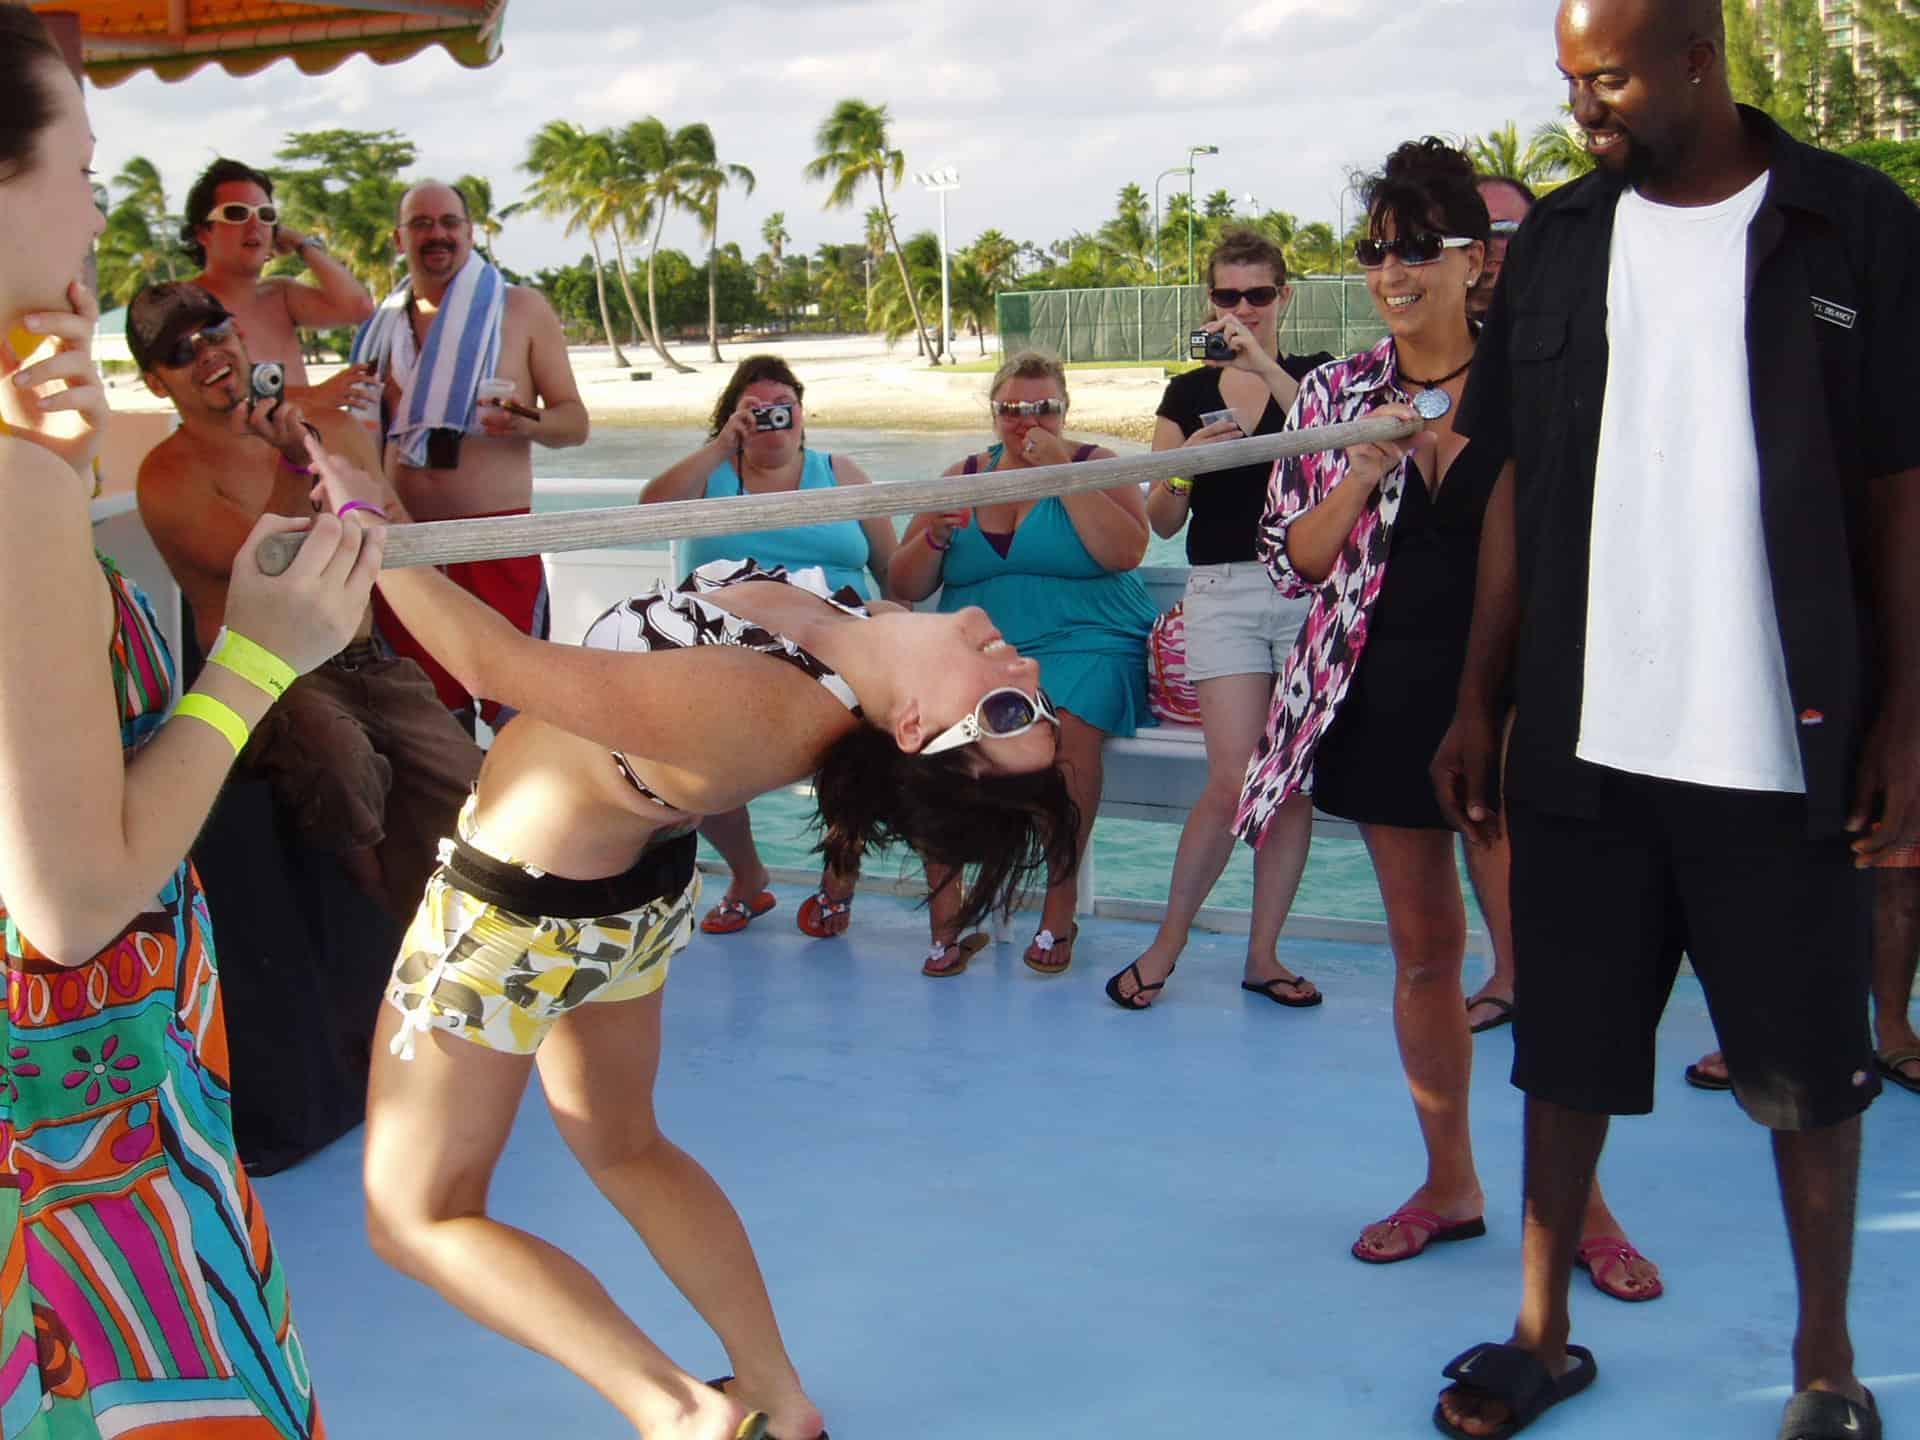 Nassau Booze Cruise Limbo Bahamas Cruise Excursions